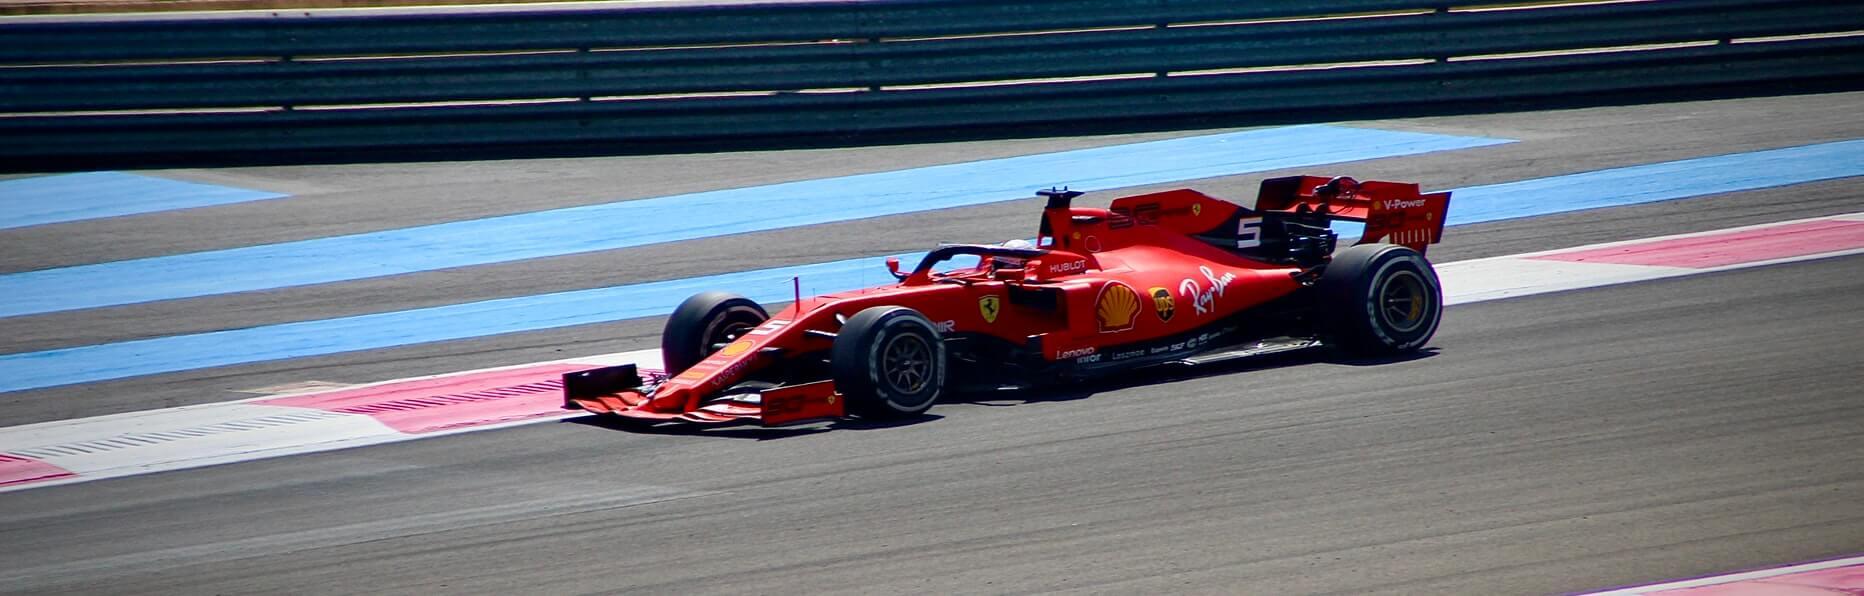 formule 1 gp bahrein kijken via internet